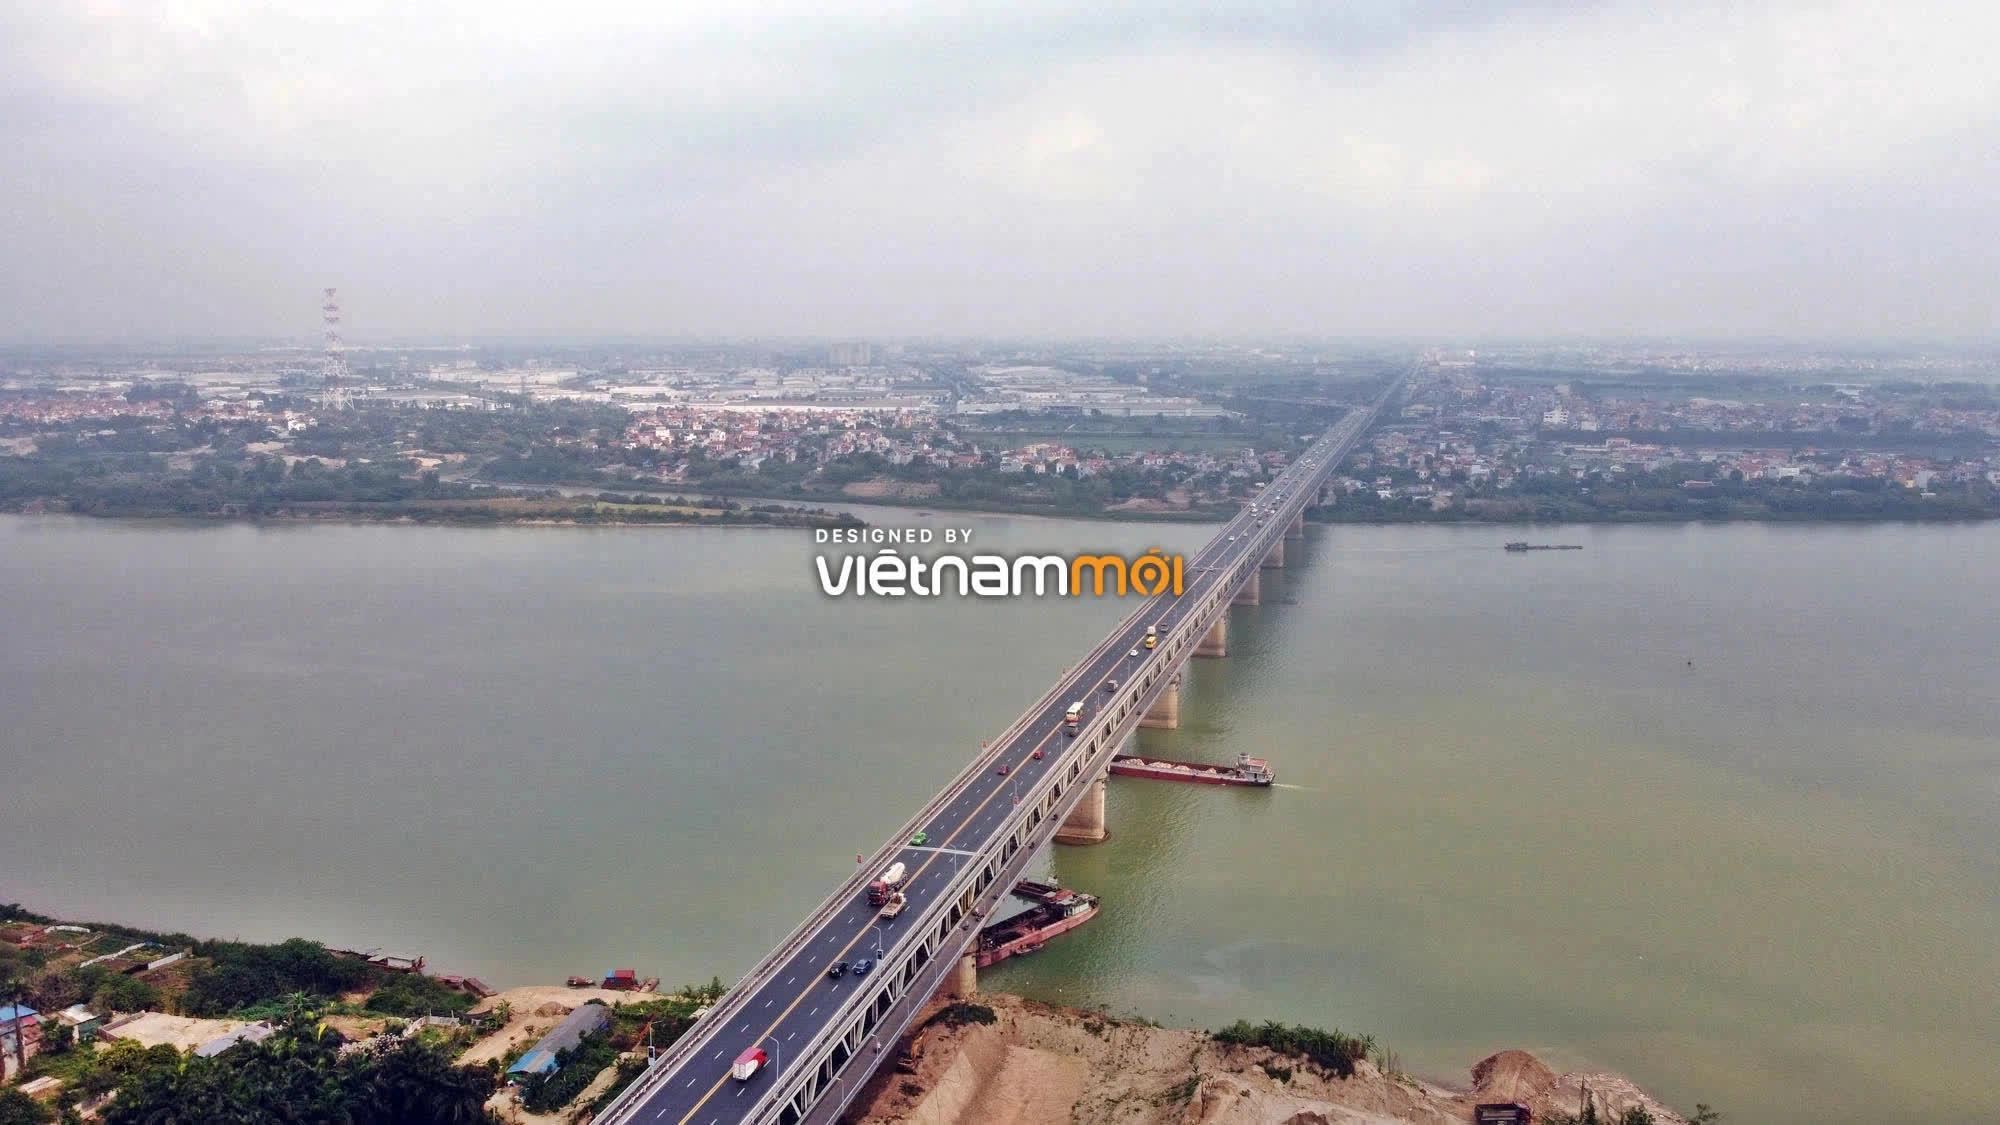 Toàn cảnh hiện trạng Phân khu đô thị sông Hồng trên địa bàn quận Bắc Từ Liêm - Ảnh 26.